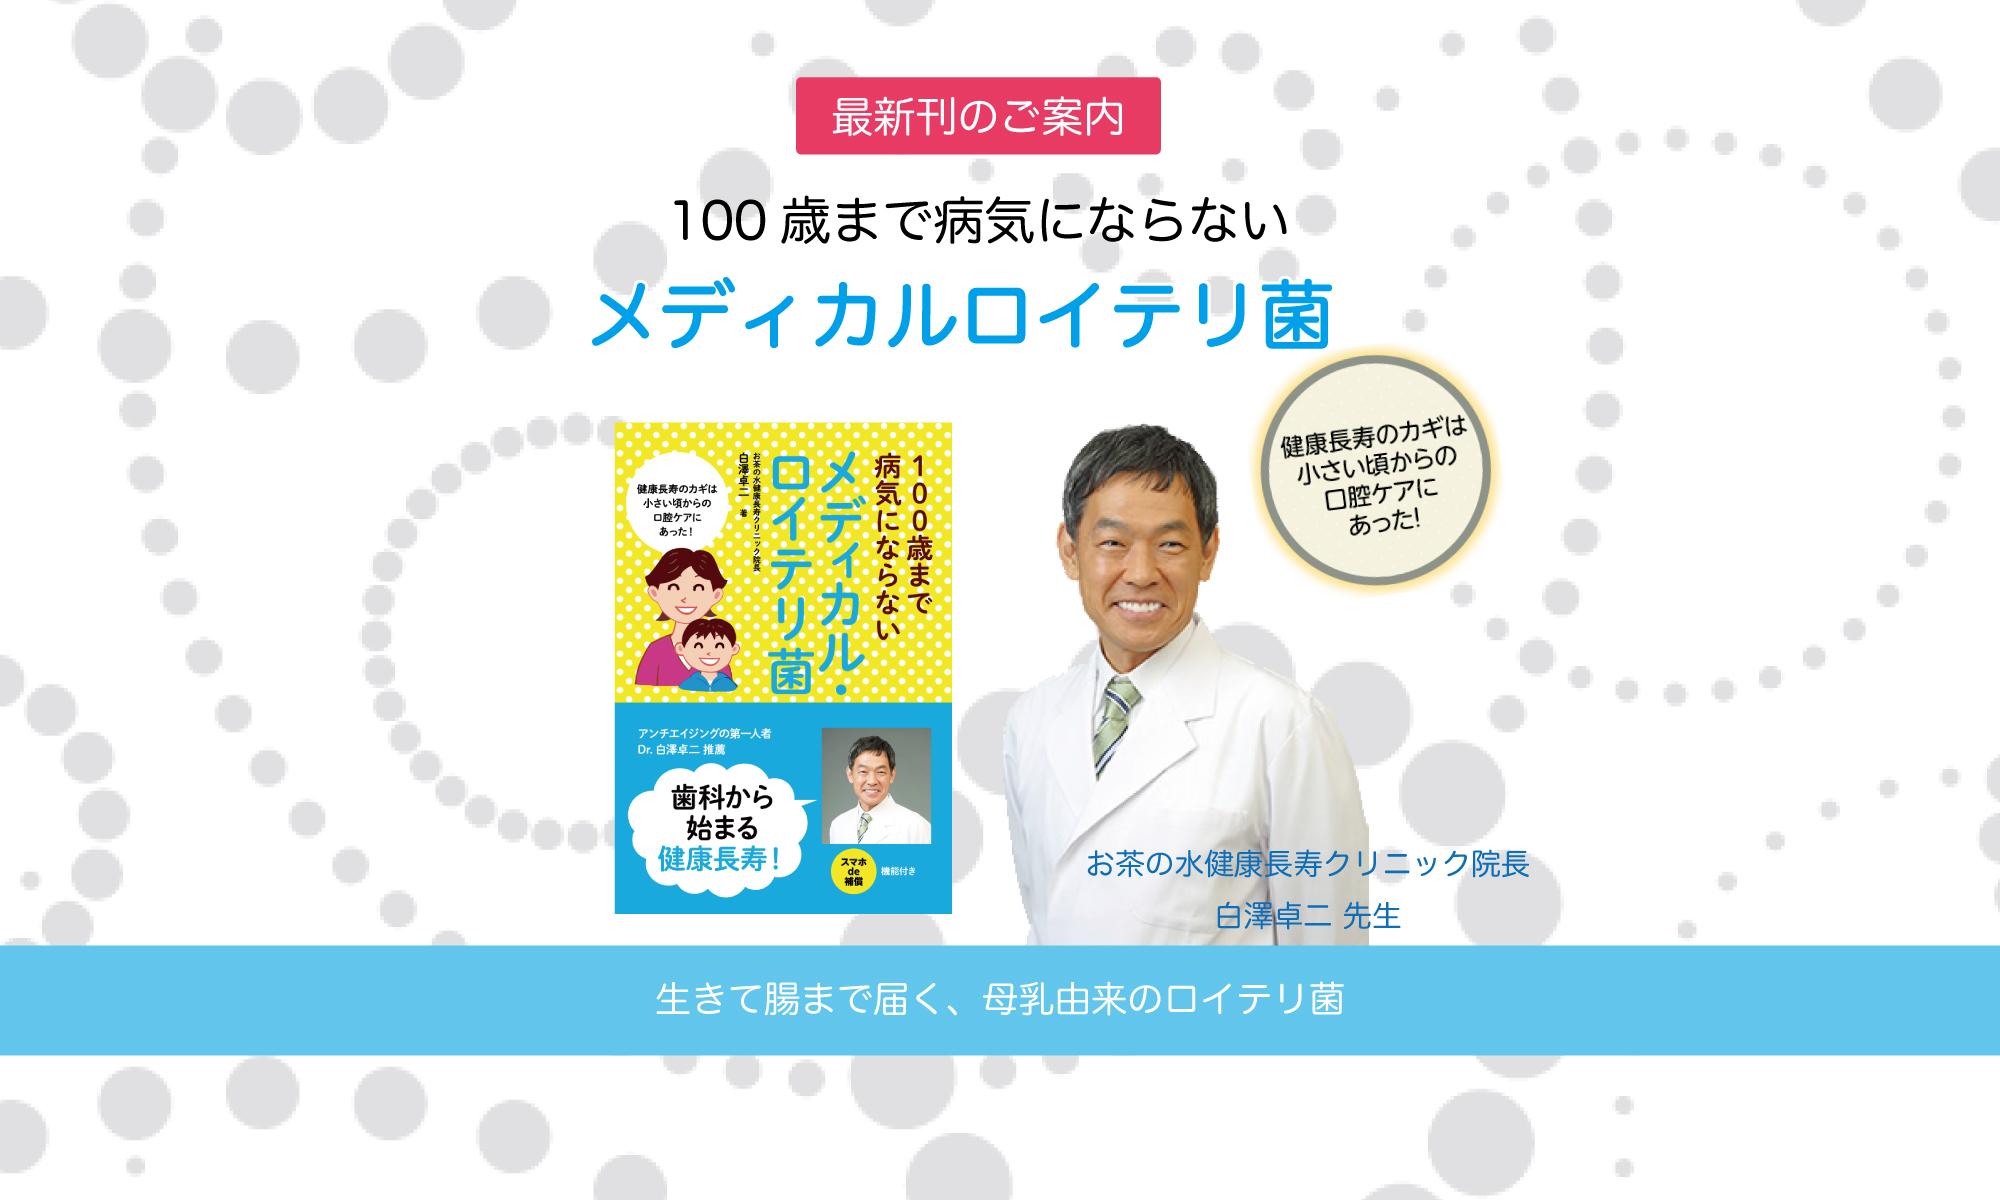 「100歳まで病気にならない<br>メディカルロイテリ菌」